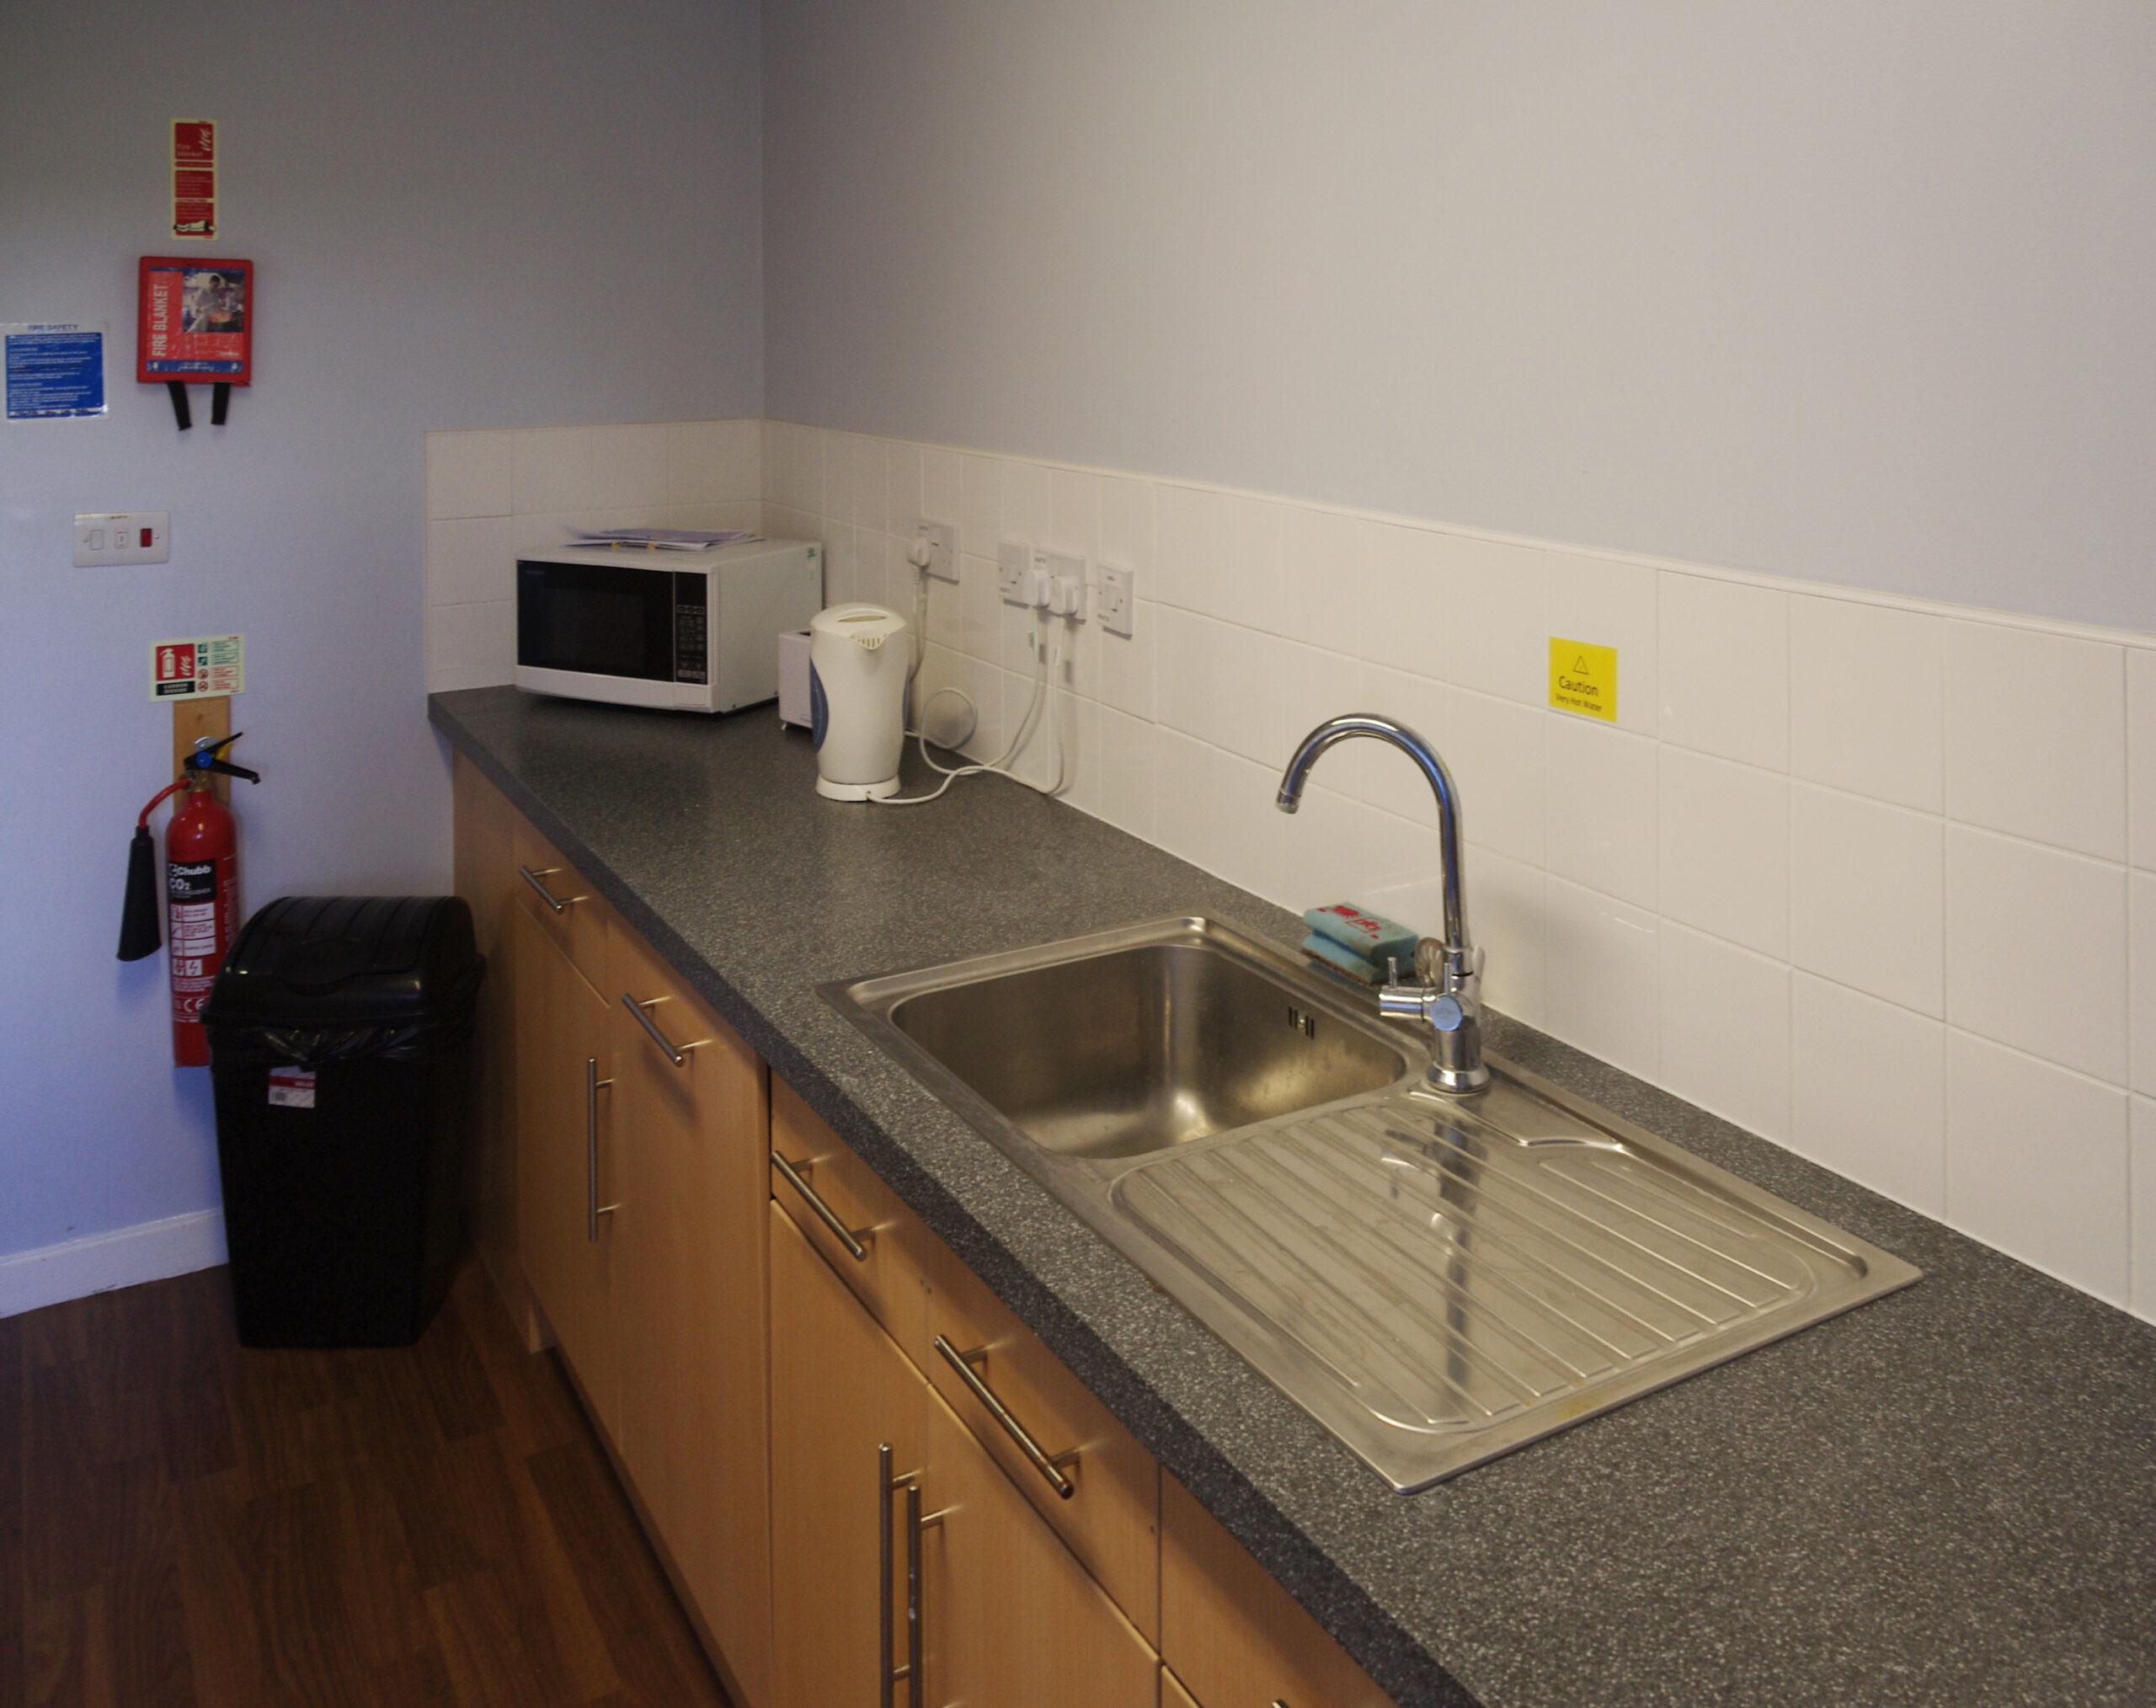 Full Size of Küchen Fliesenspiegel Wikipedia Regal Küche Glas Selber Machen Wohnzimmer Küchen Fliesenspiegel